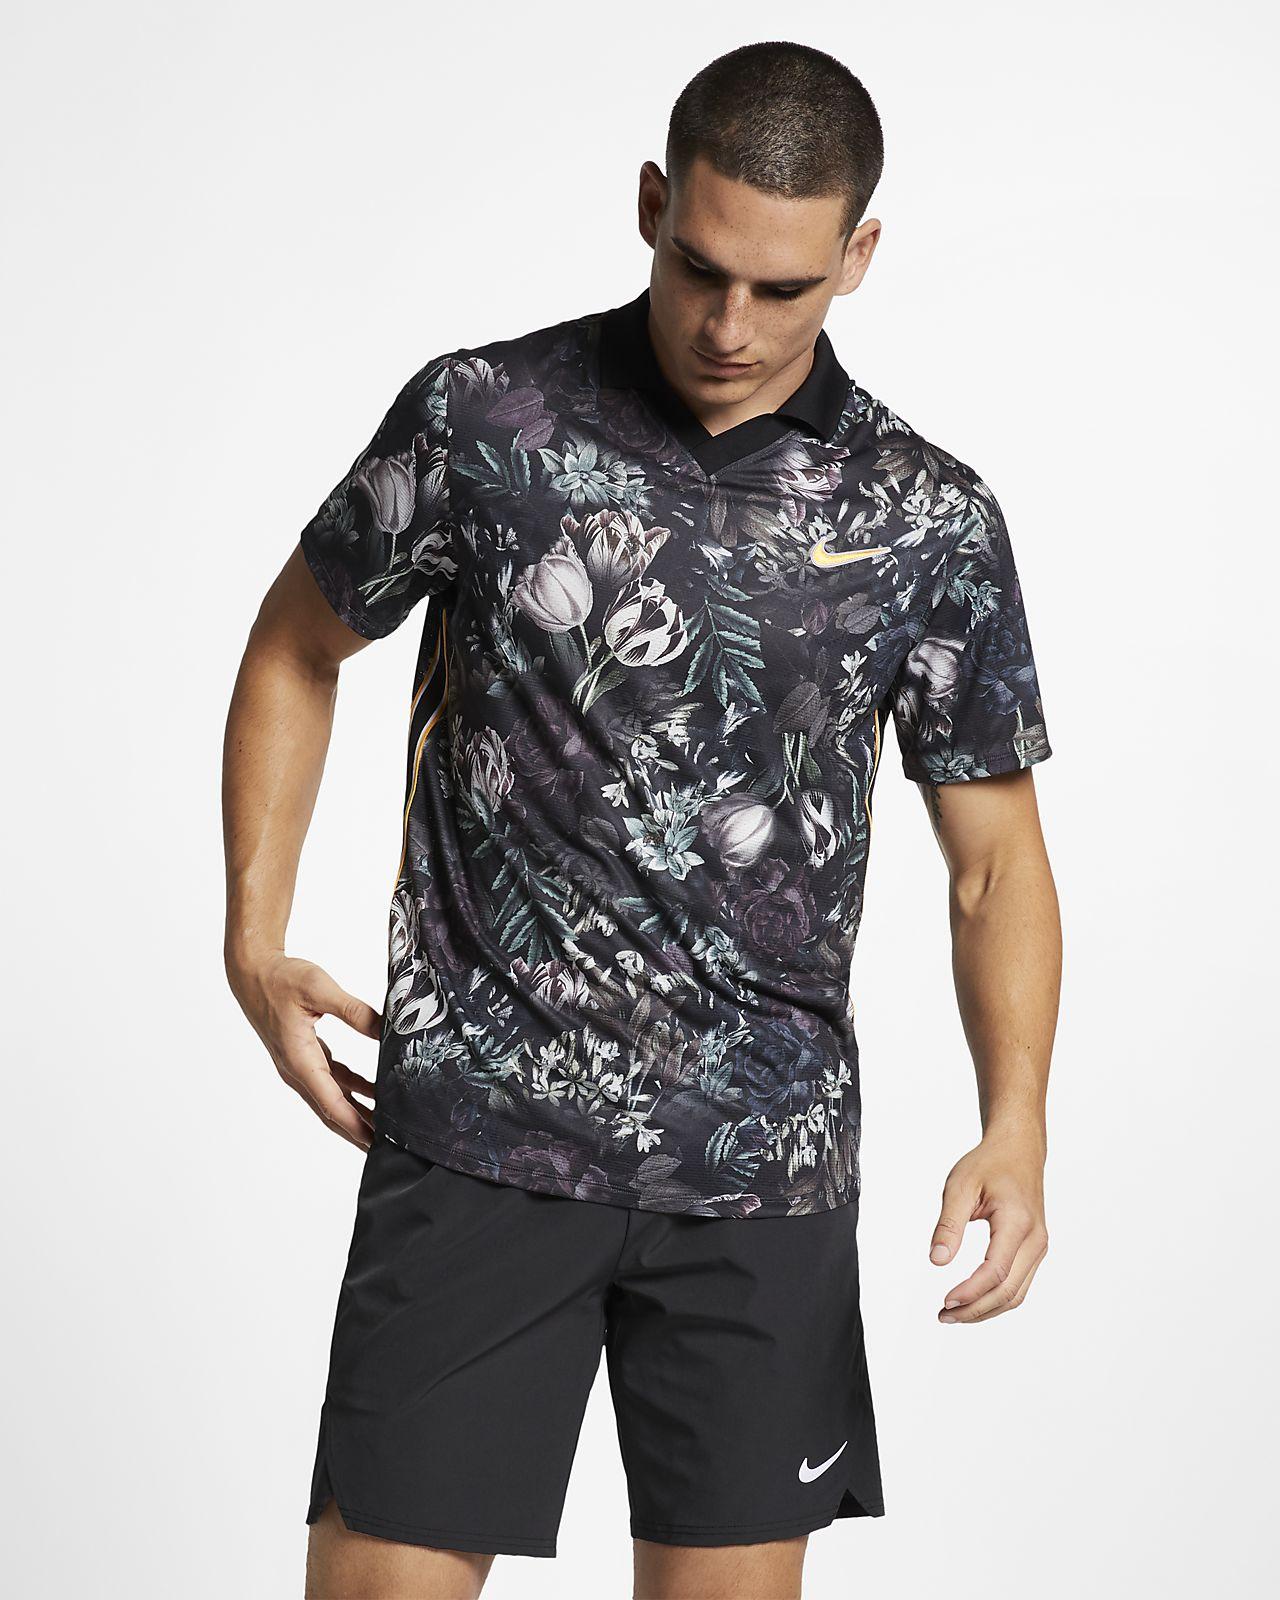 d8af9446 NikeCourt Dri-FIT Slam Men's Tennis Polo. Nike.com